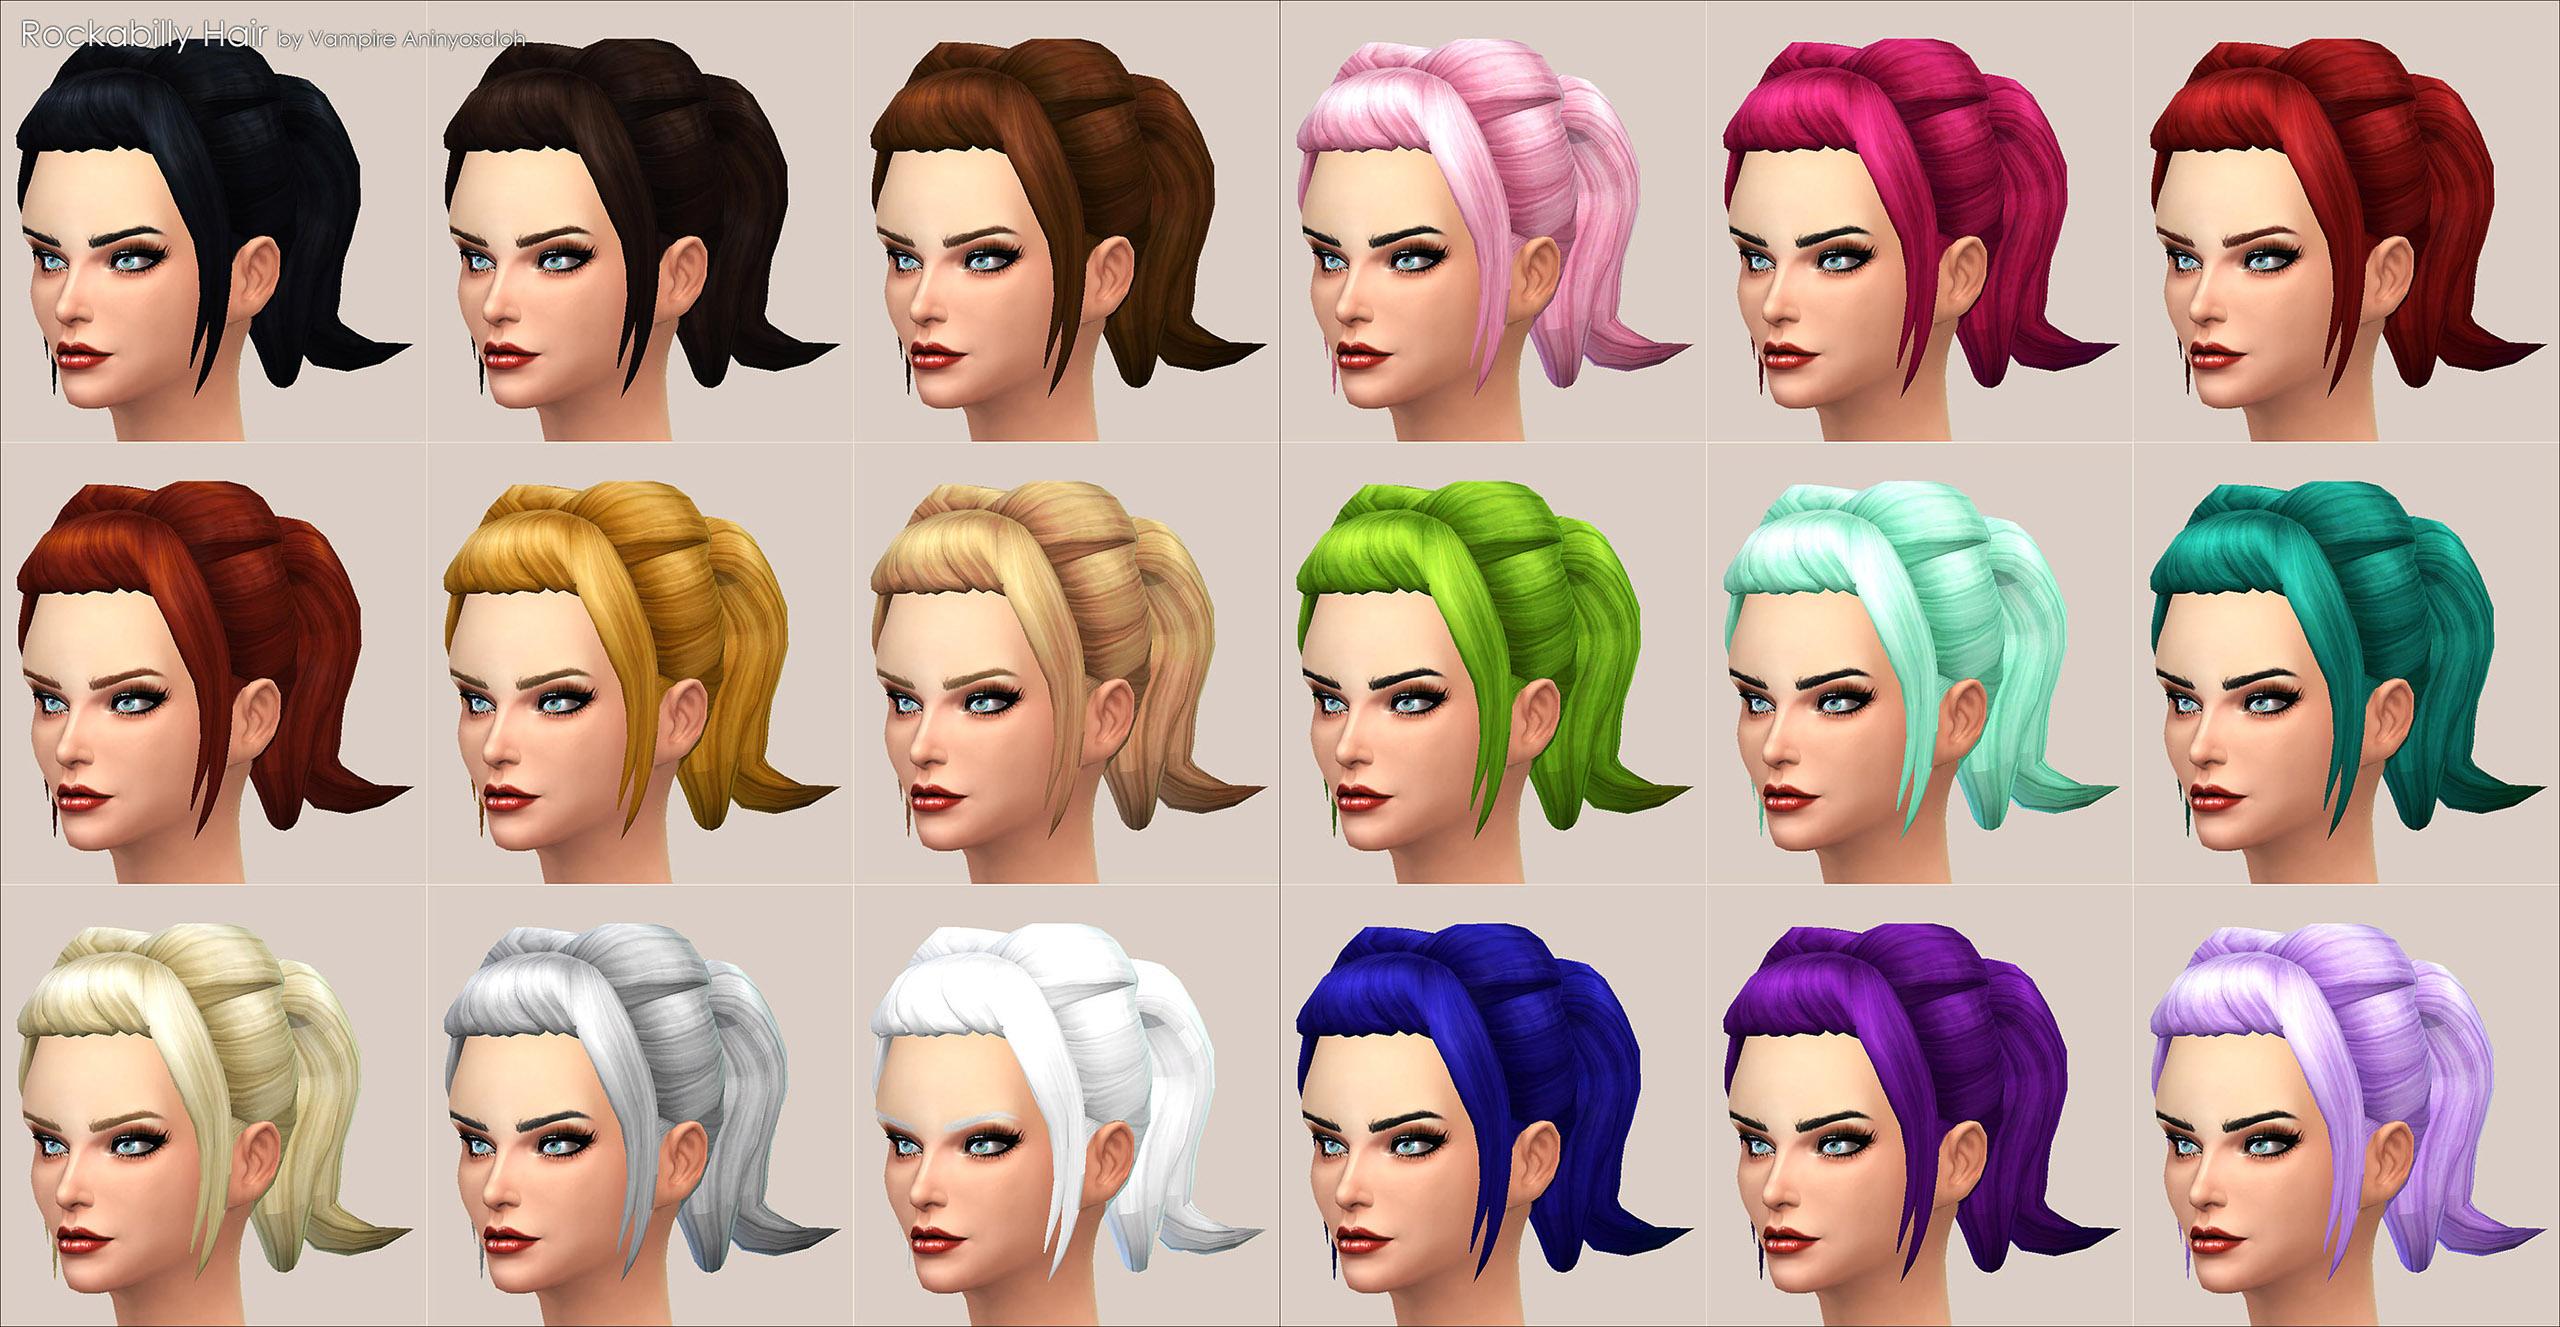 mod the sims - rockabilly hair